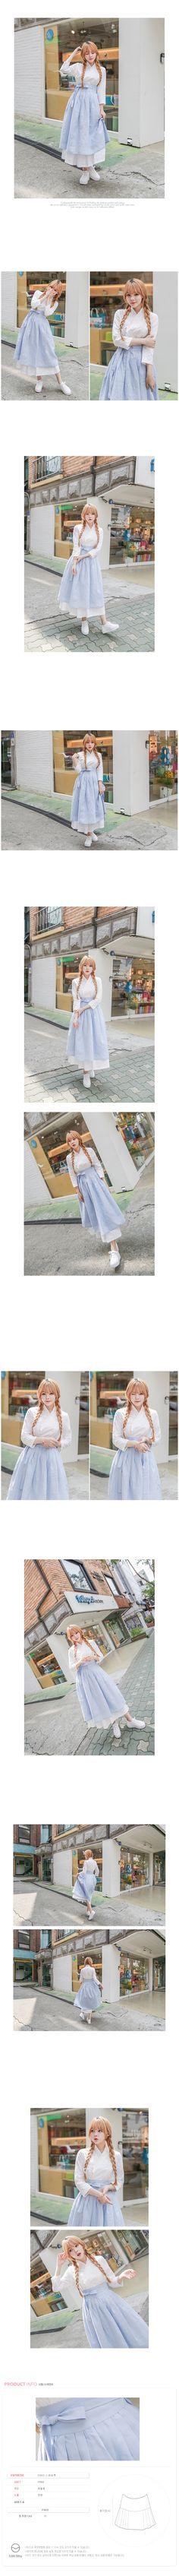 [치마저고리] 생활한복 - 허리치마 #하늘색 : 치마저고리